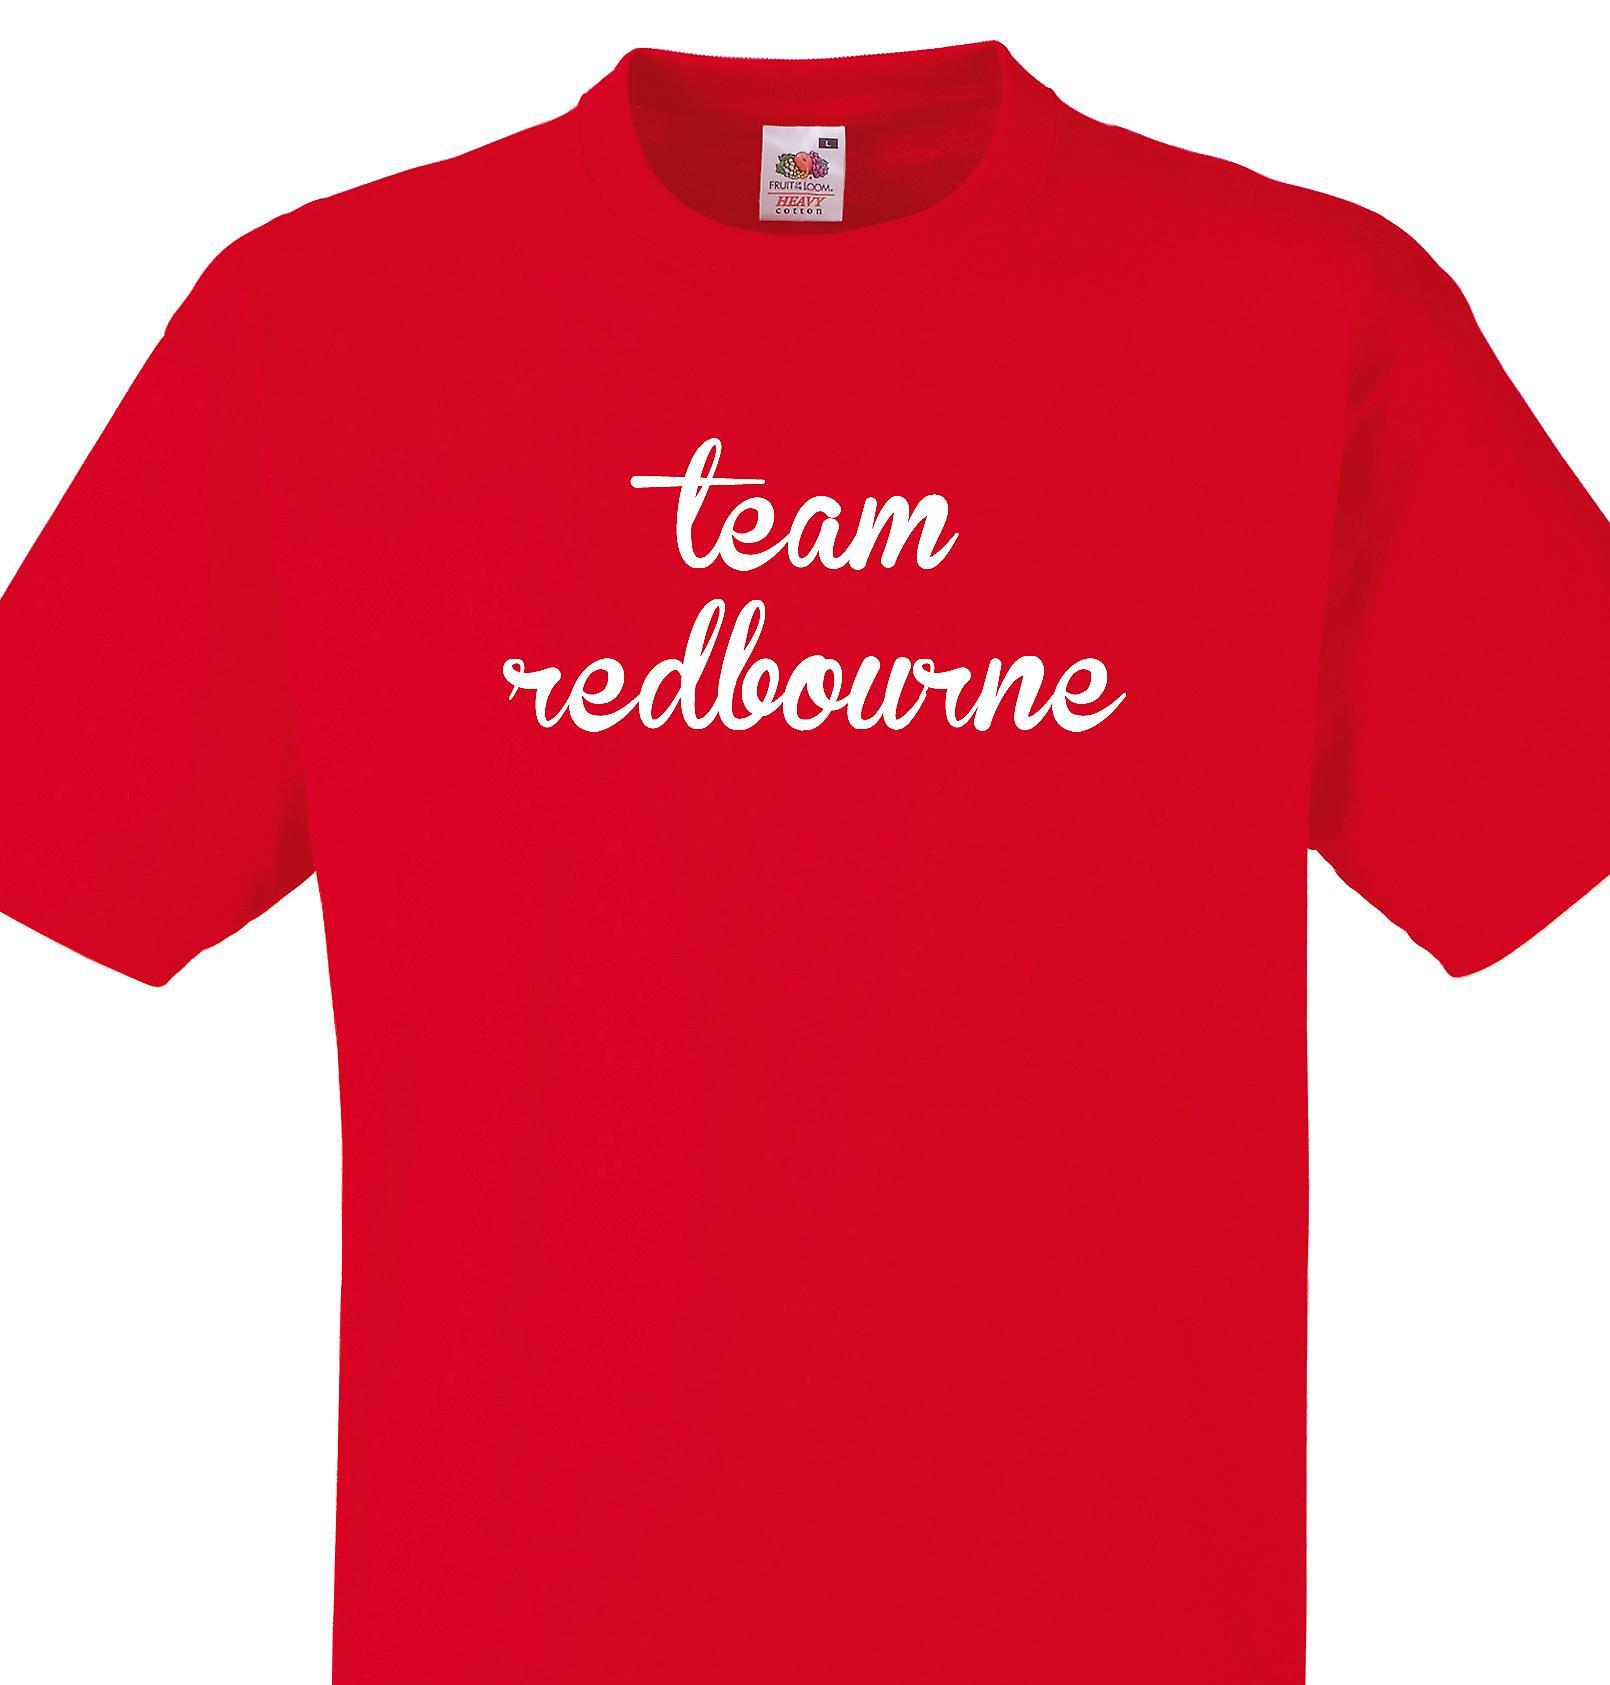 Team Redbourne Red T shirt